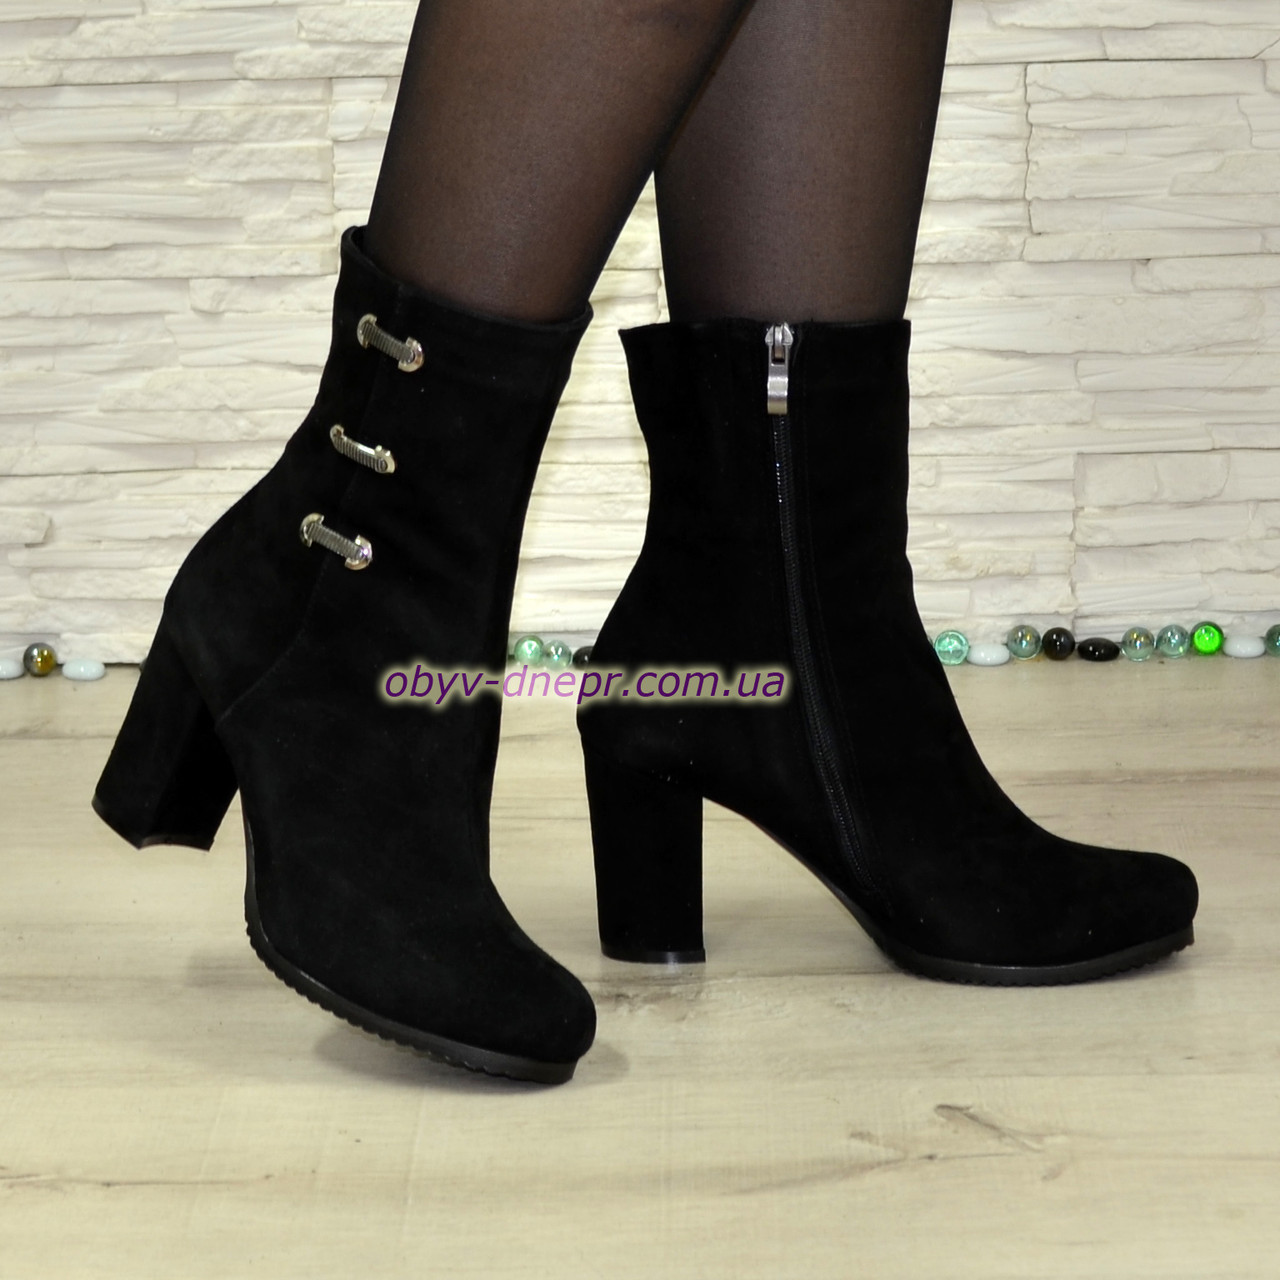 Ботинки   замшевые на высоком устойчивом каблуке, декорированы фурнитурой